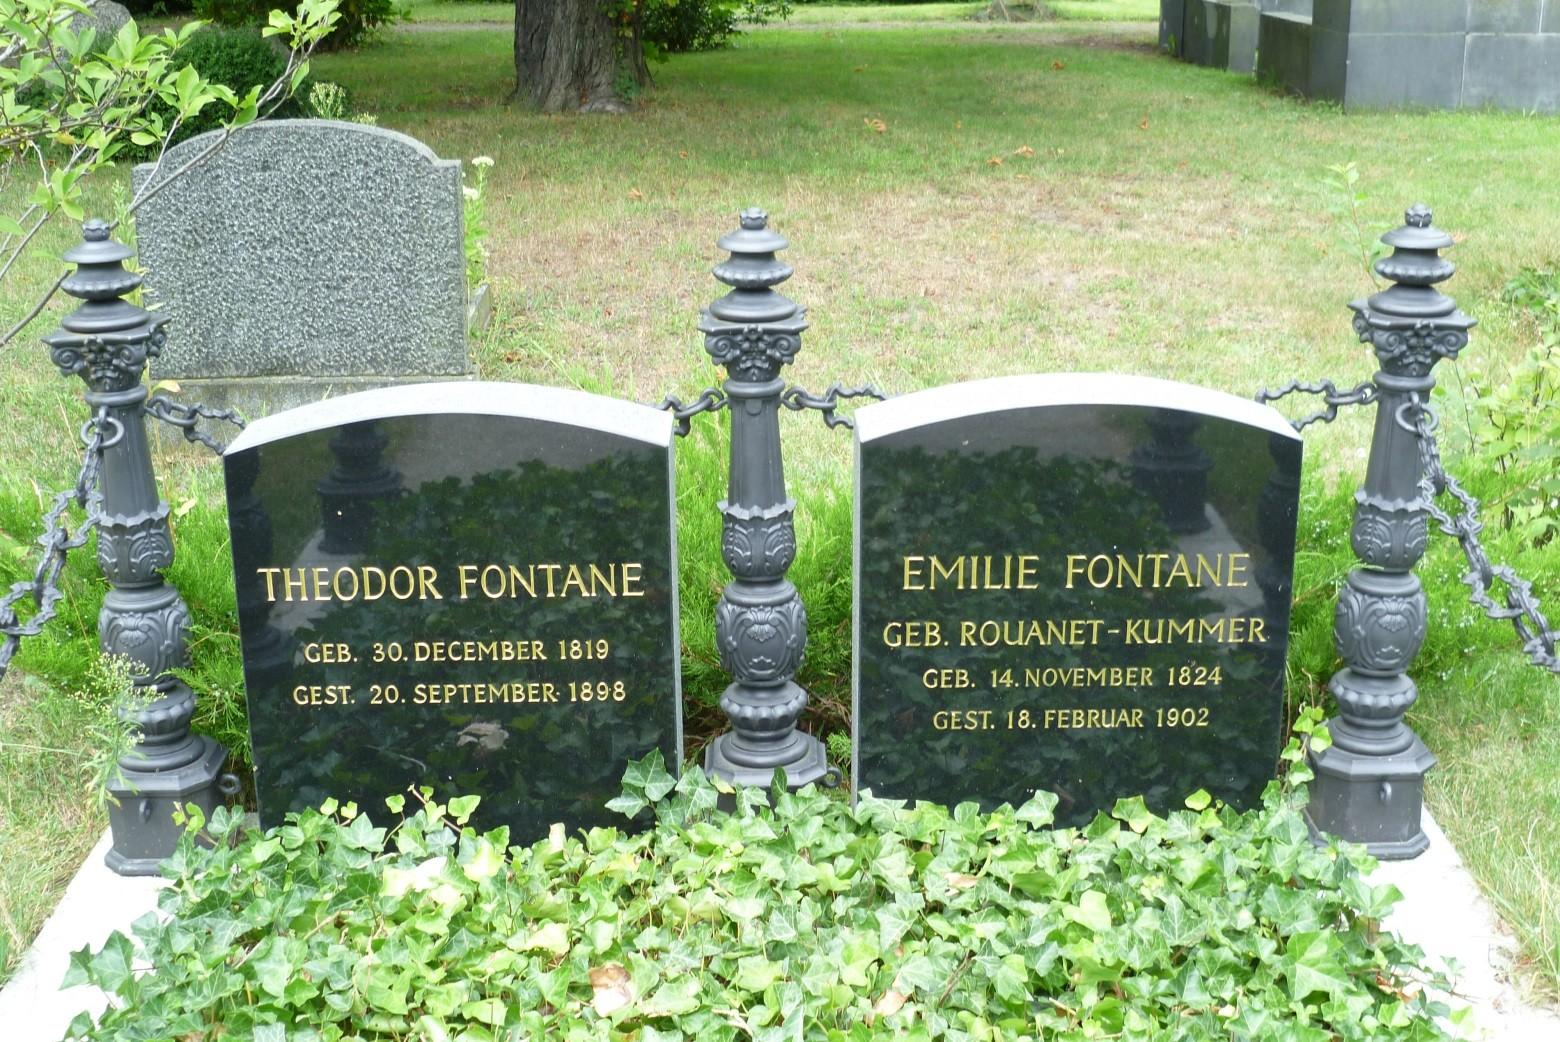 Franz. ref. Friedhof - Grabstätte Theodor Fontane  © Diana Schaal